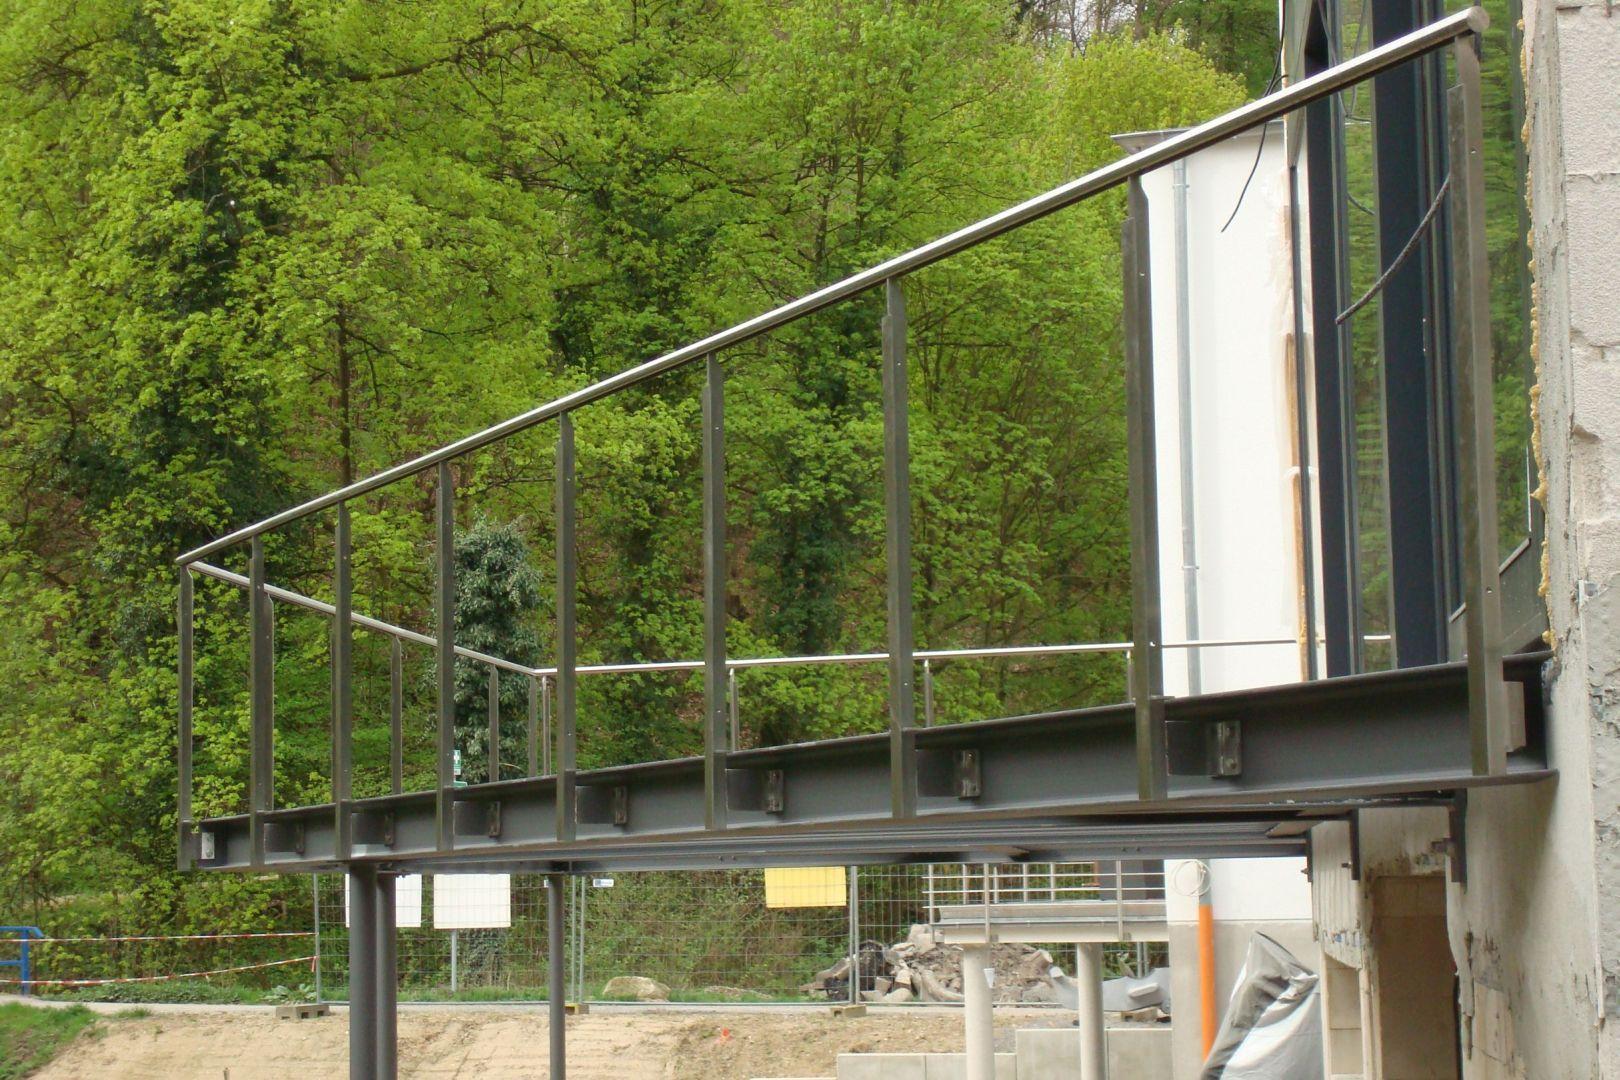 223--Stahlbalkone.JPG